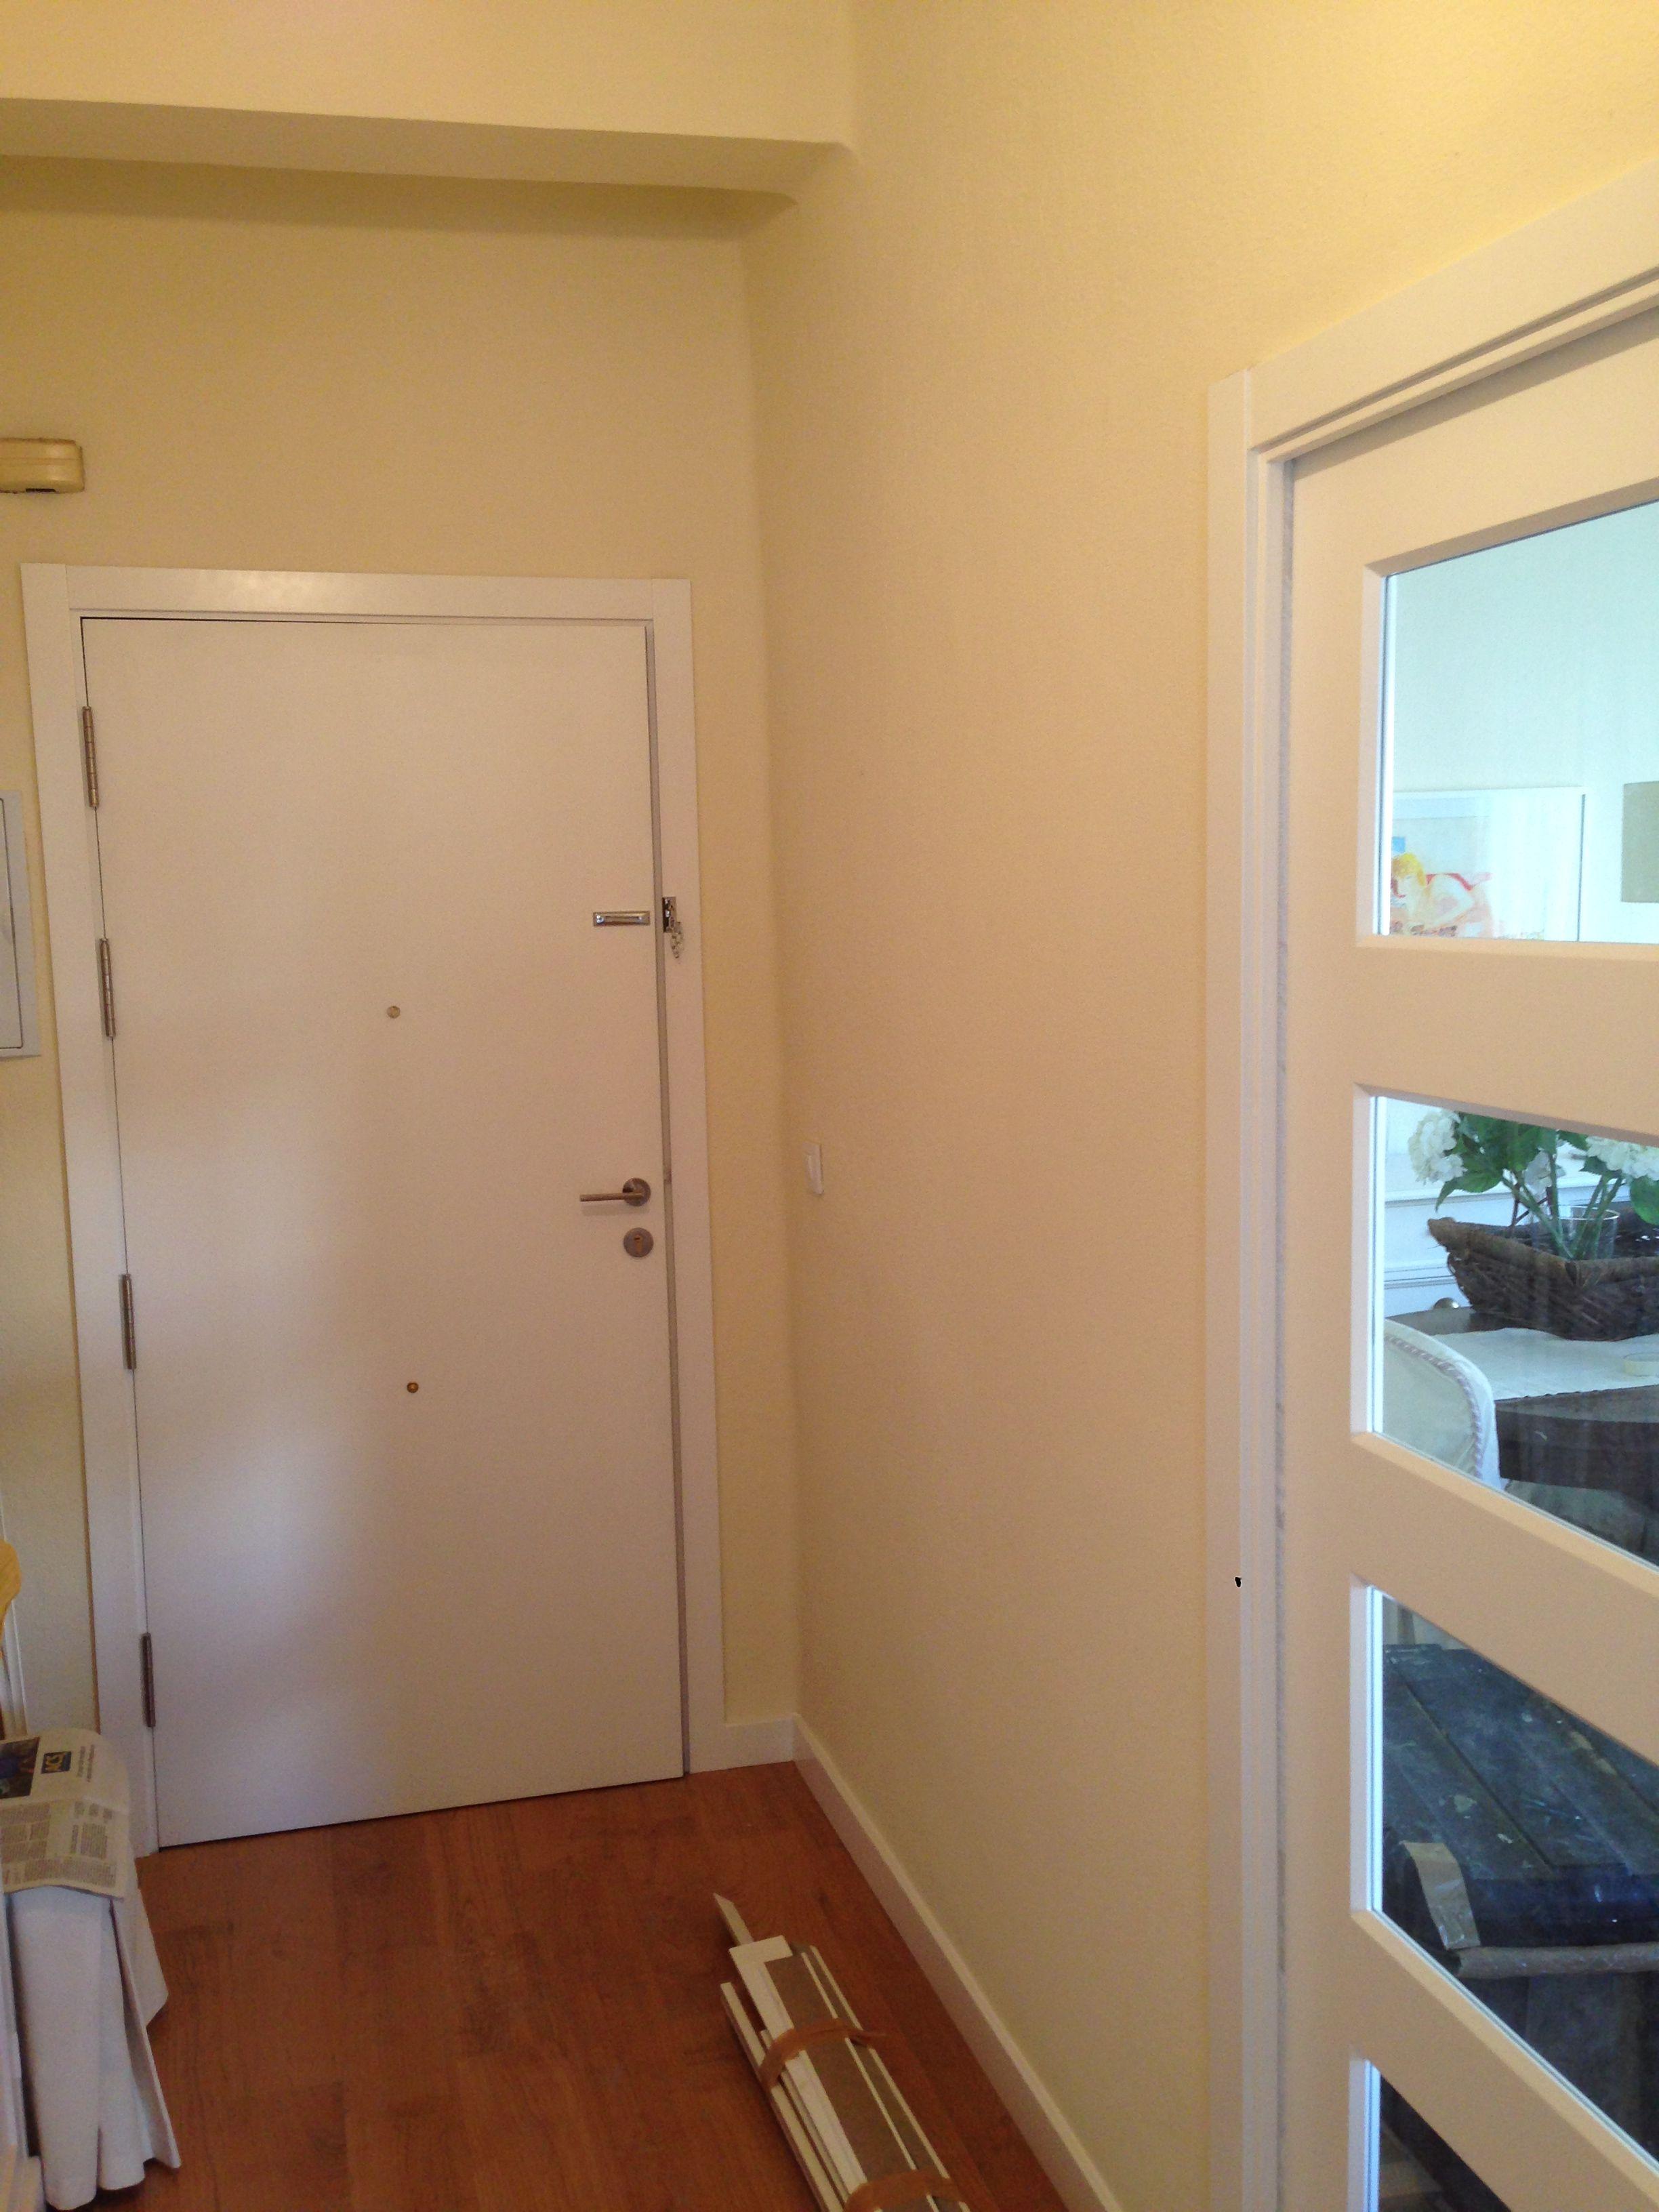 Interior de puerta blindada lacada en blanco puertas for Puertas blindadas